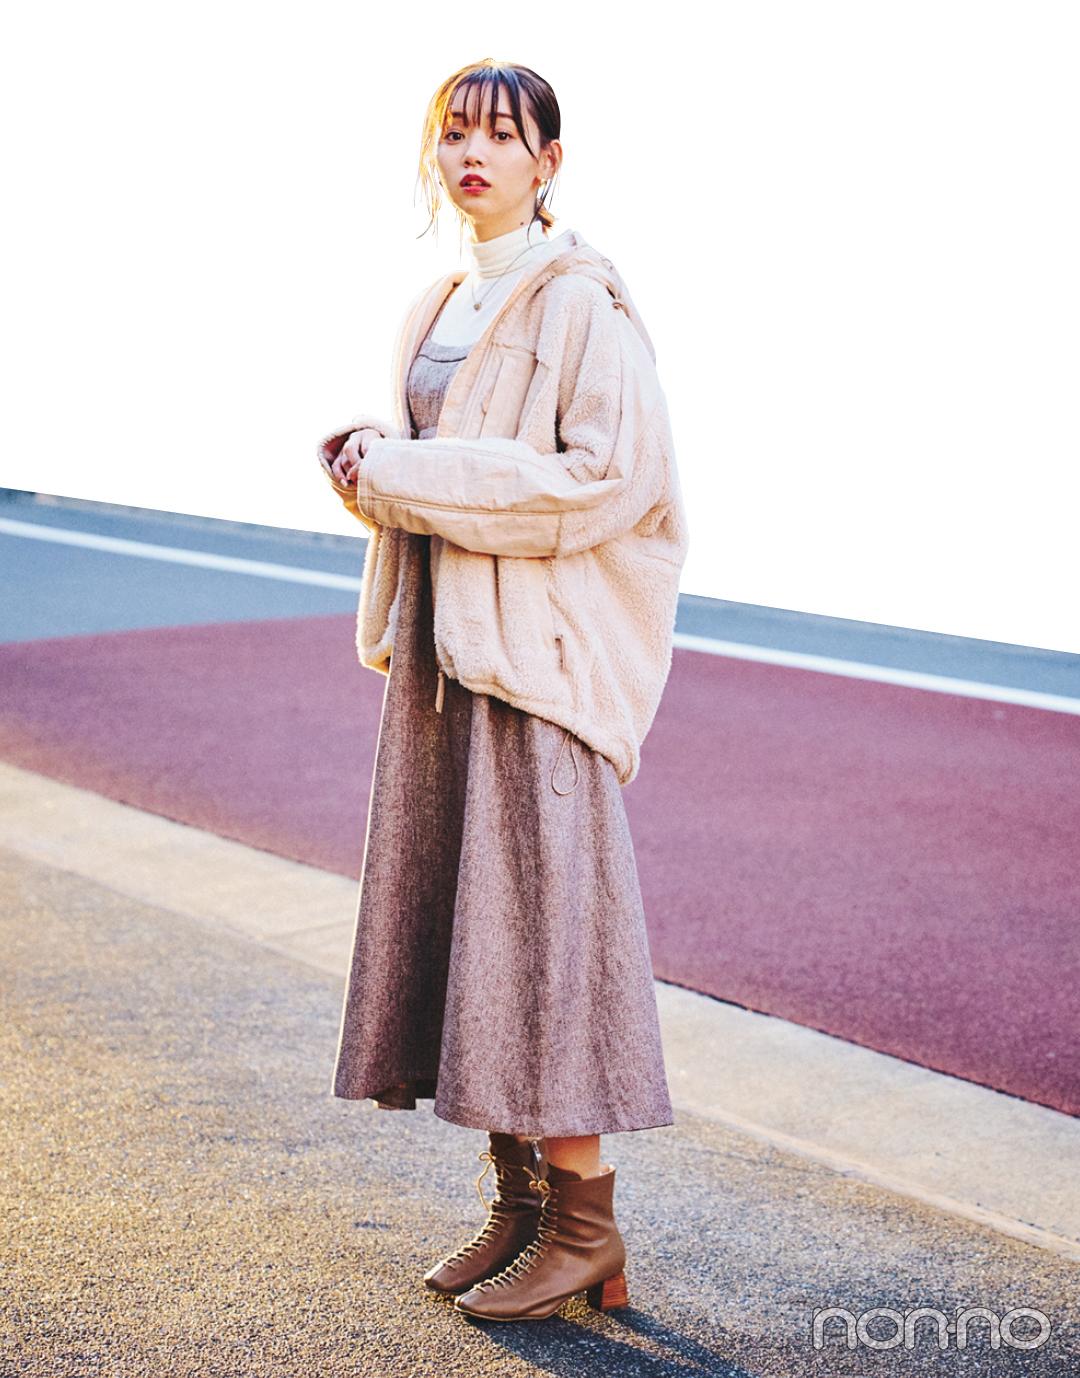 江野沢愛美の冬私服♡ ZARAのブラウスを効かせたガーリーコーデに注目!_1_3